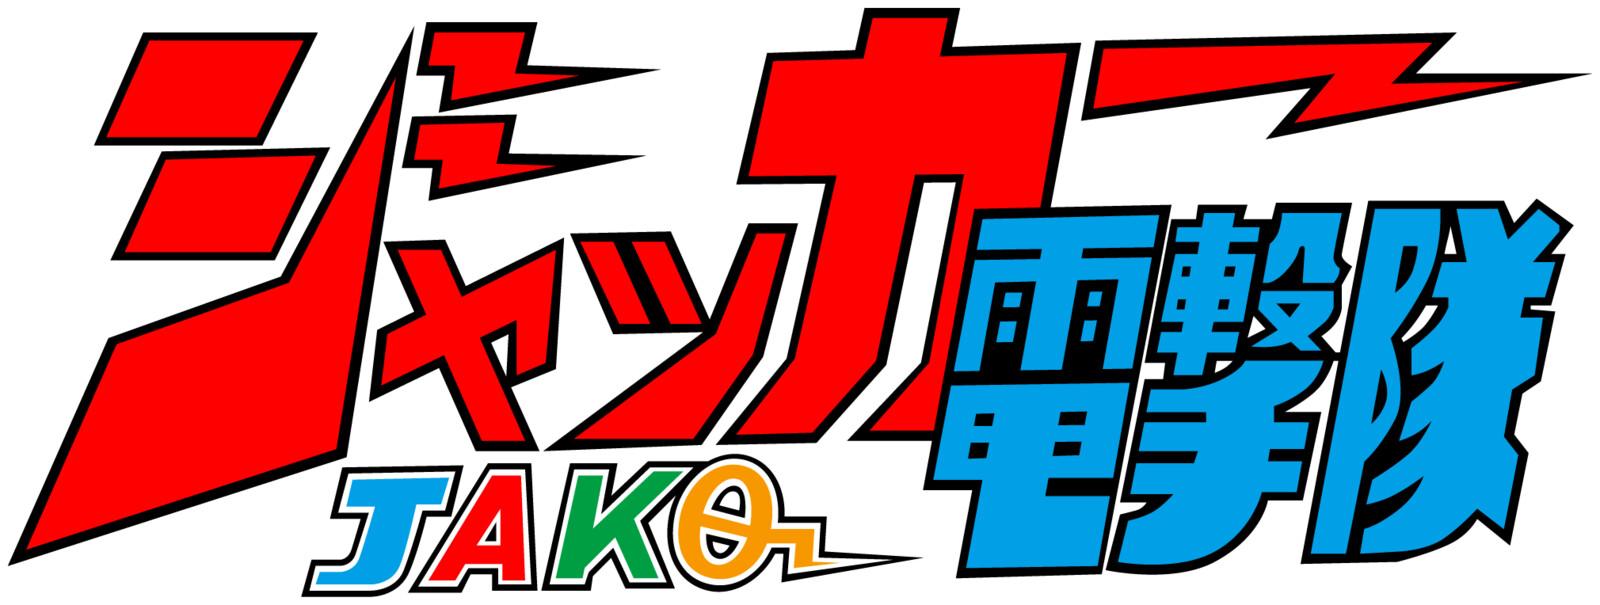 File:J.A.K.Q. Dengekitai Logo.jpg